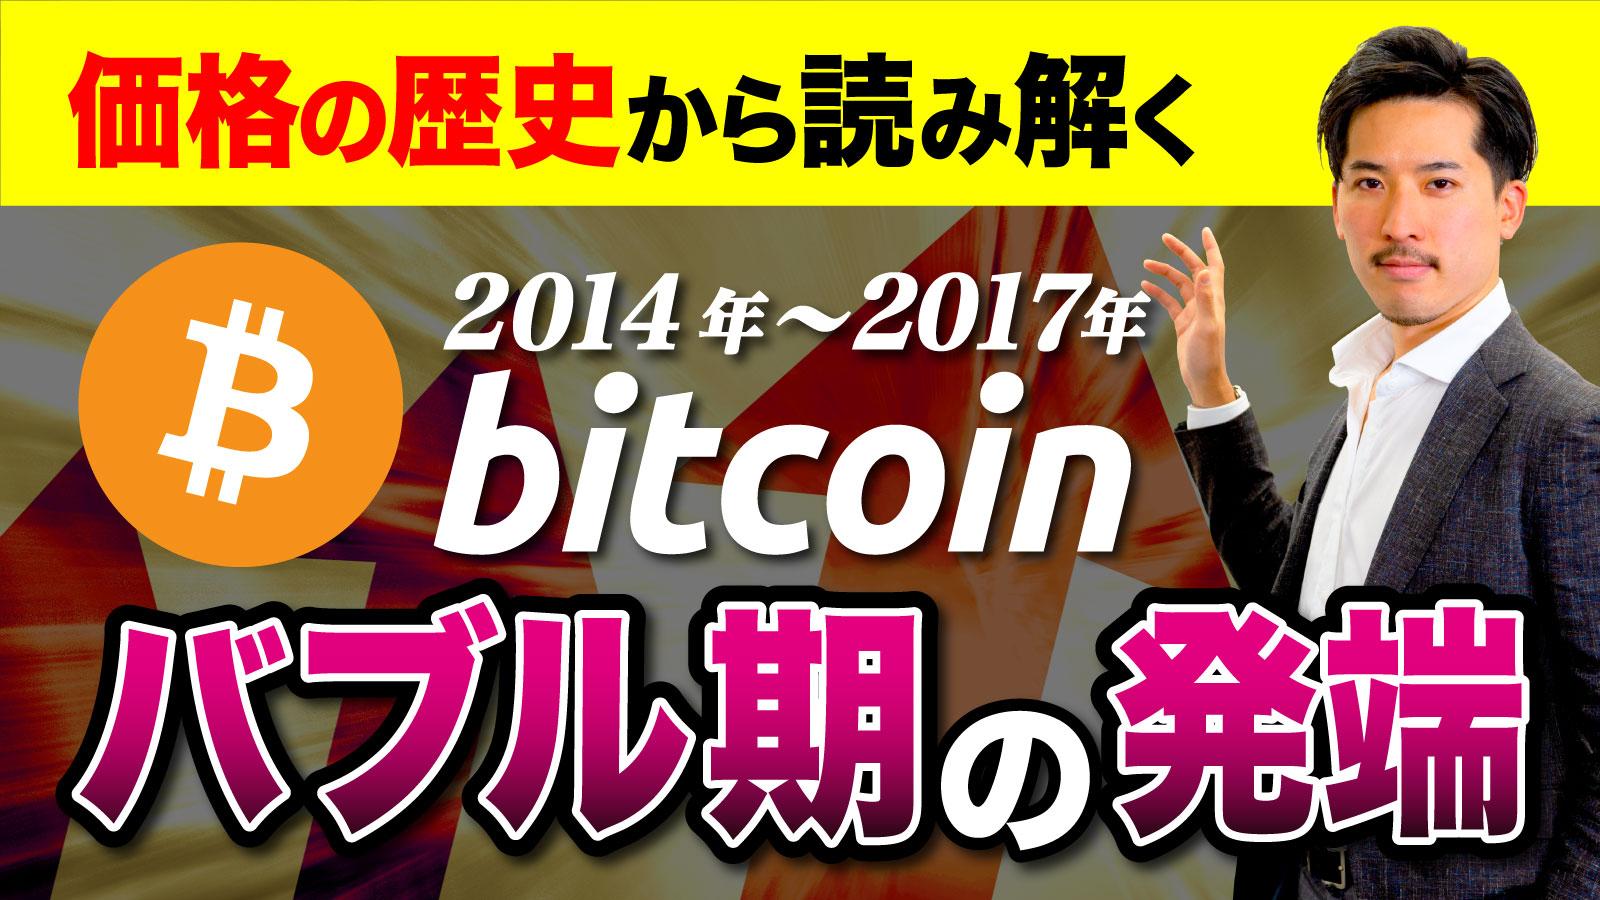 今更だけどビットコイン解説シリーズ② - バブル発生の黄金期